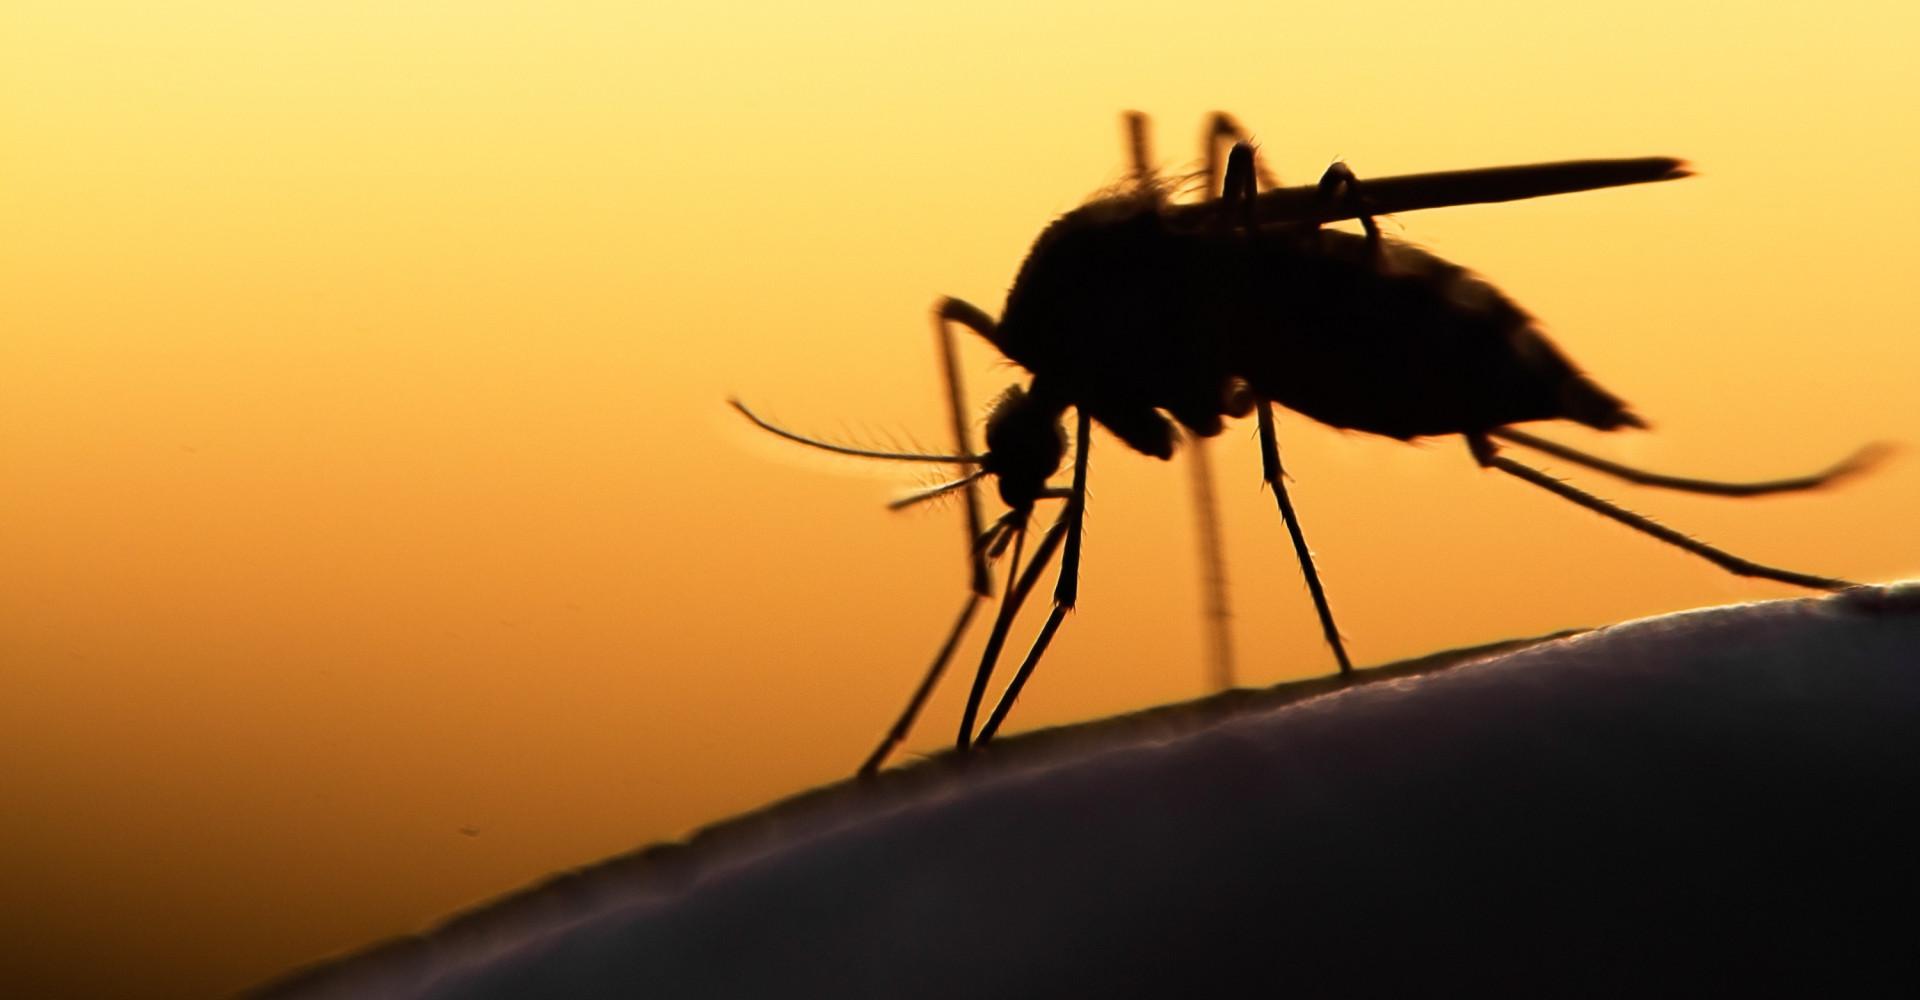 Shhh! Kunnen muggen je horen?